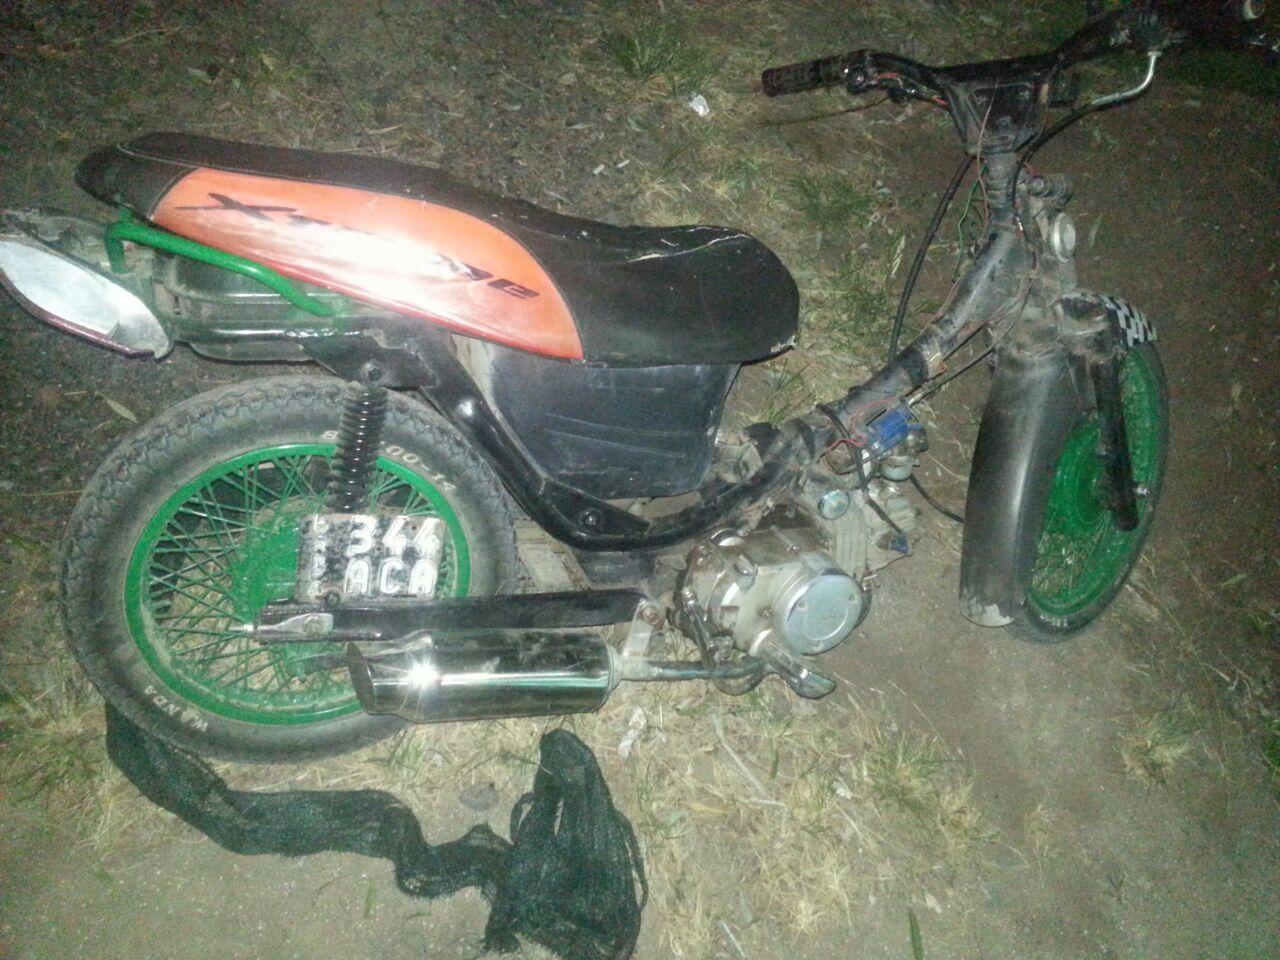 """Informe de la Policia Comiunal de Gral paz: """"Secuestro de Moto por Ruidos Molestos"""""""